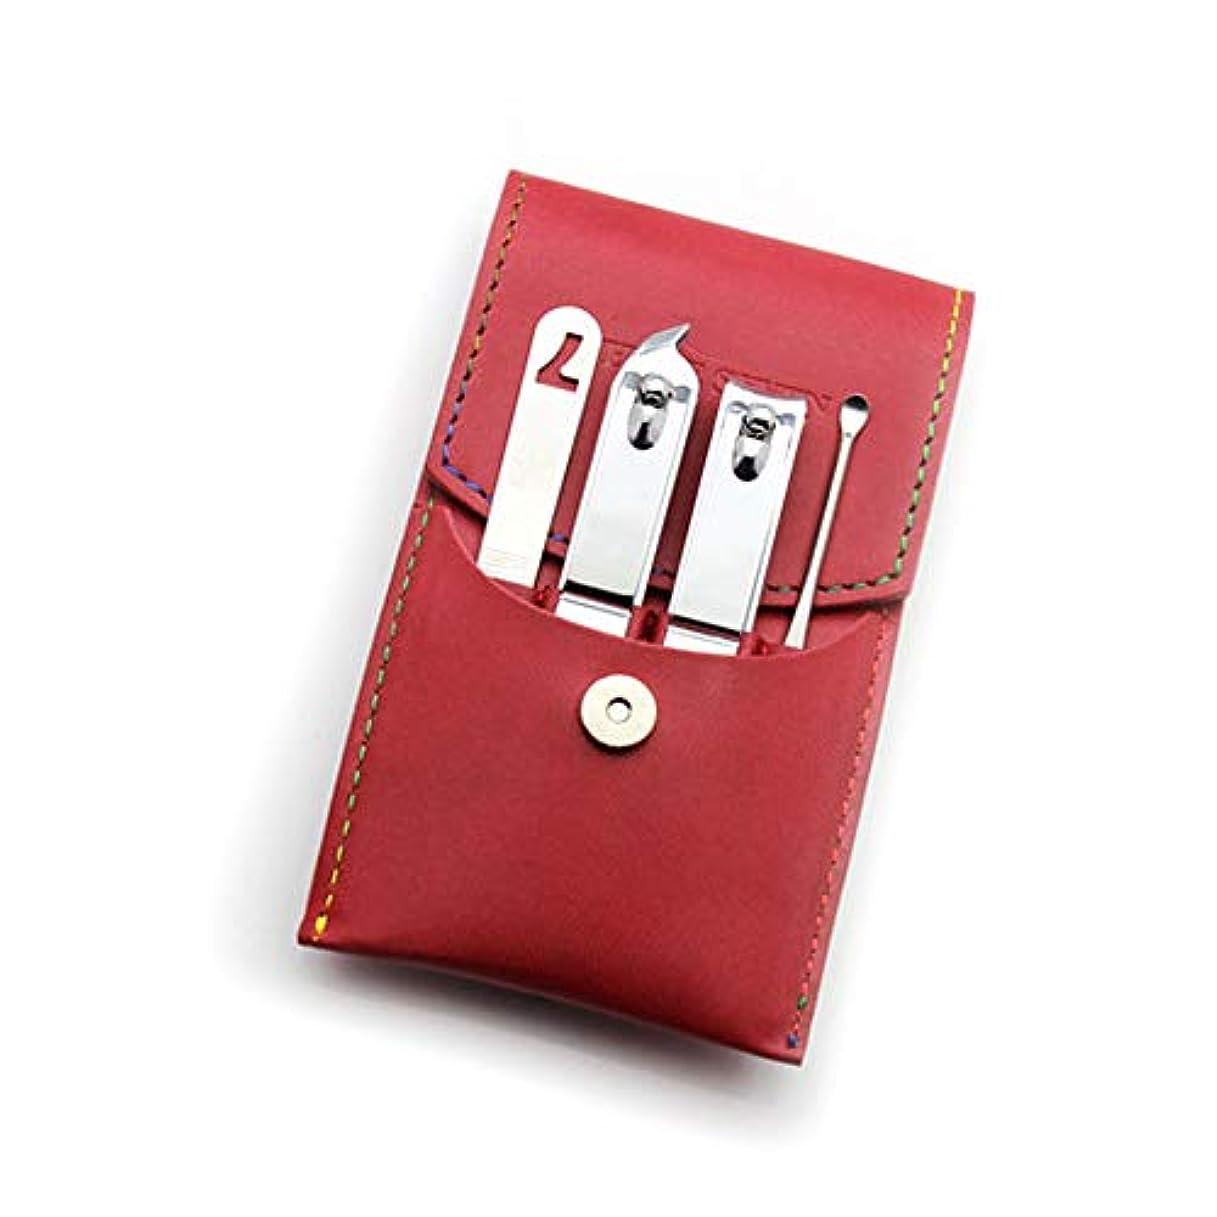 メジャーうぬぼれた説得ネイルクリッパーセットファッション爪切りセット美容ネイルツールセット高級赤PUレザーケース付き、4点セット